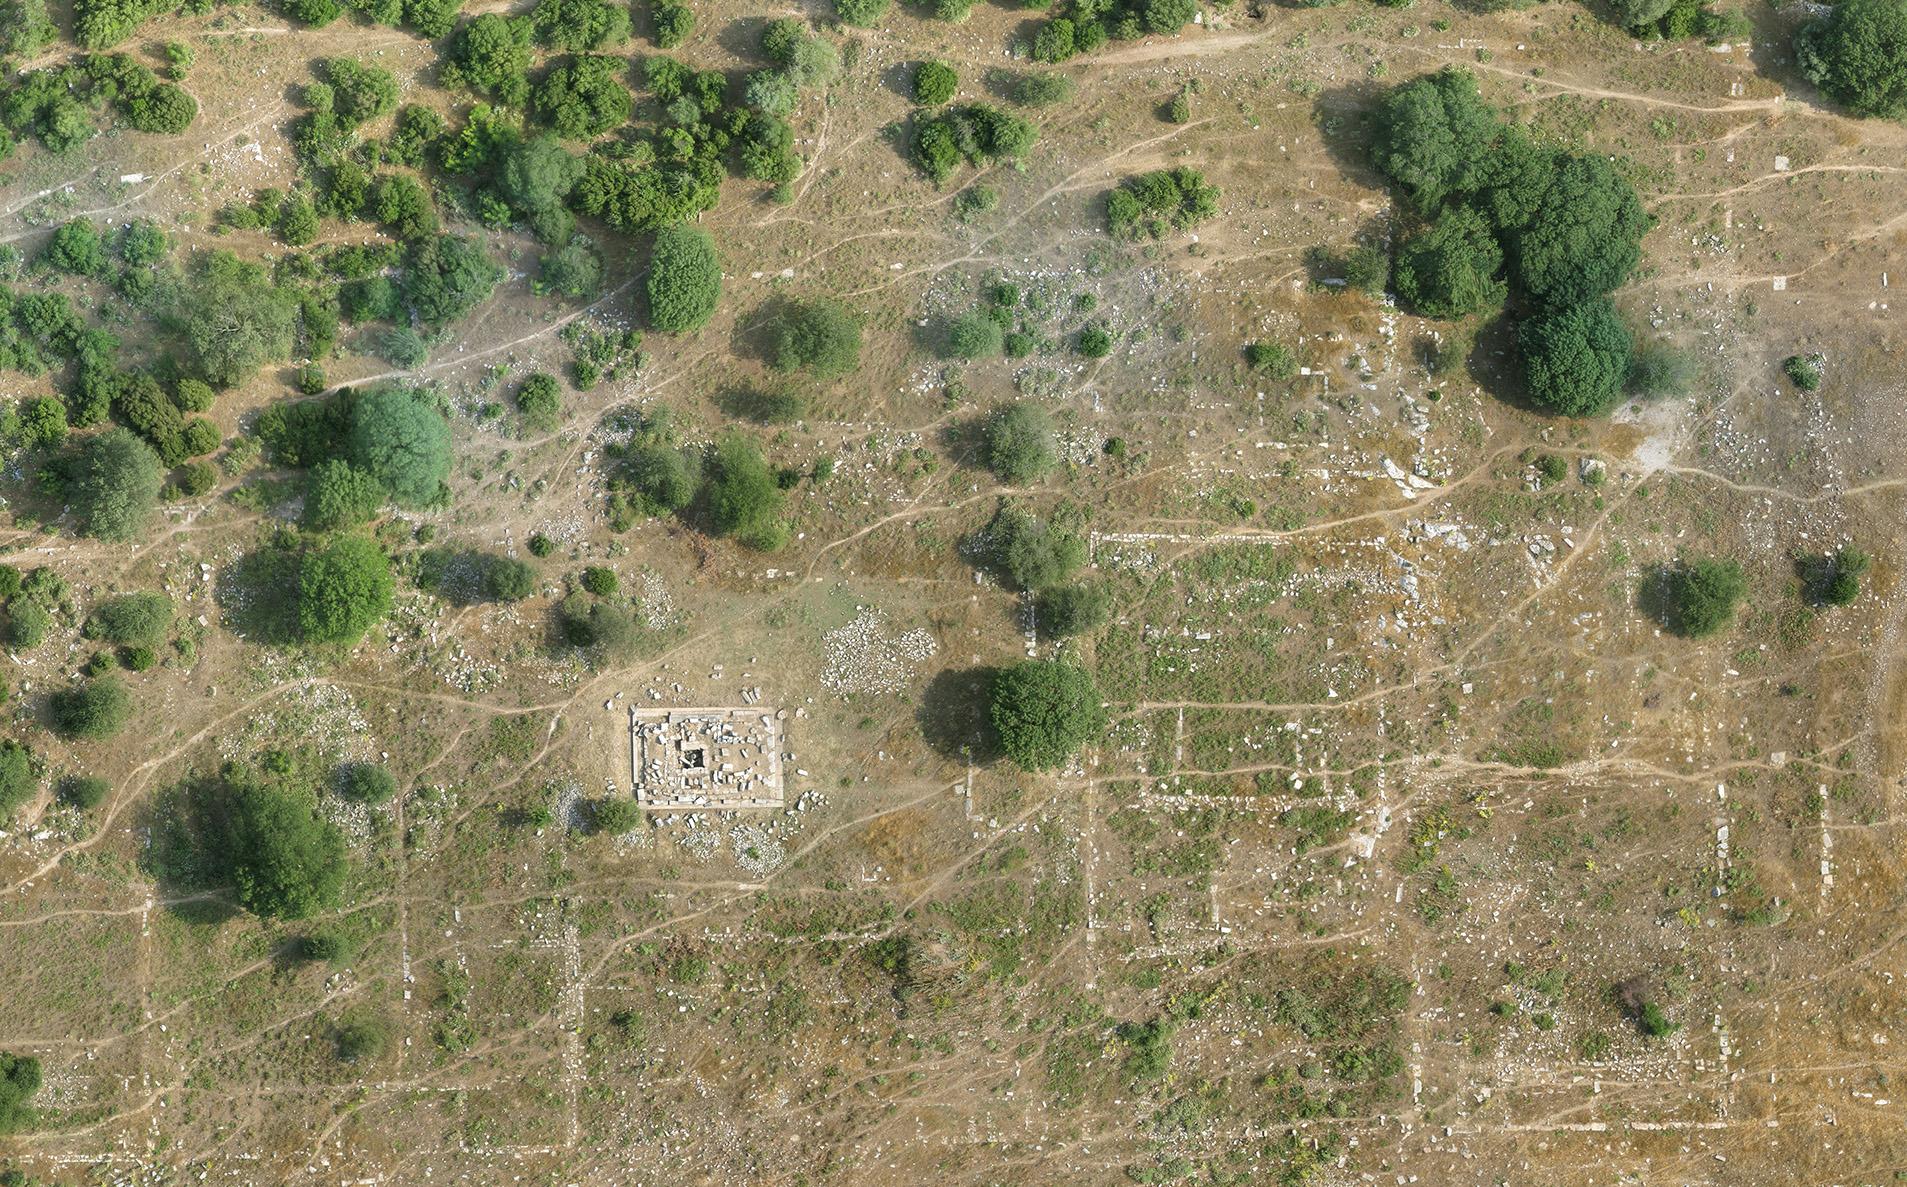 Agoranın batısında, Heroon civarında, arazinin olağanüstü yüzey okunurluğunu gösteren ortorektifleştirilmiş hava fotoğrafından bir seçme